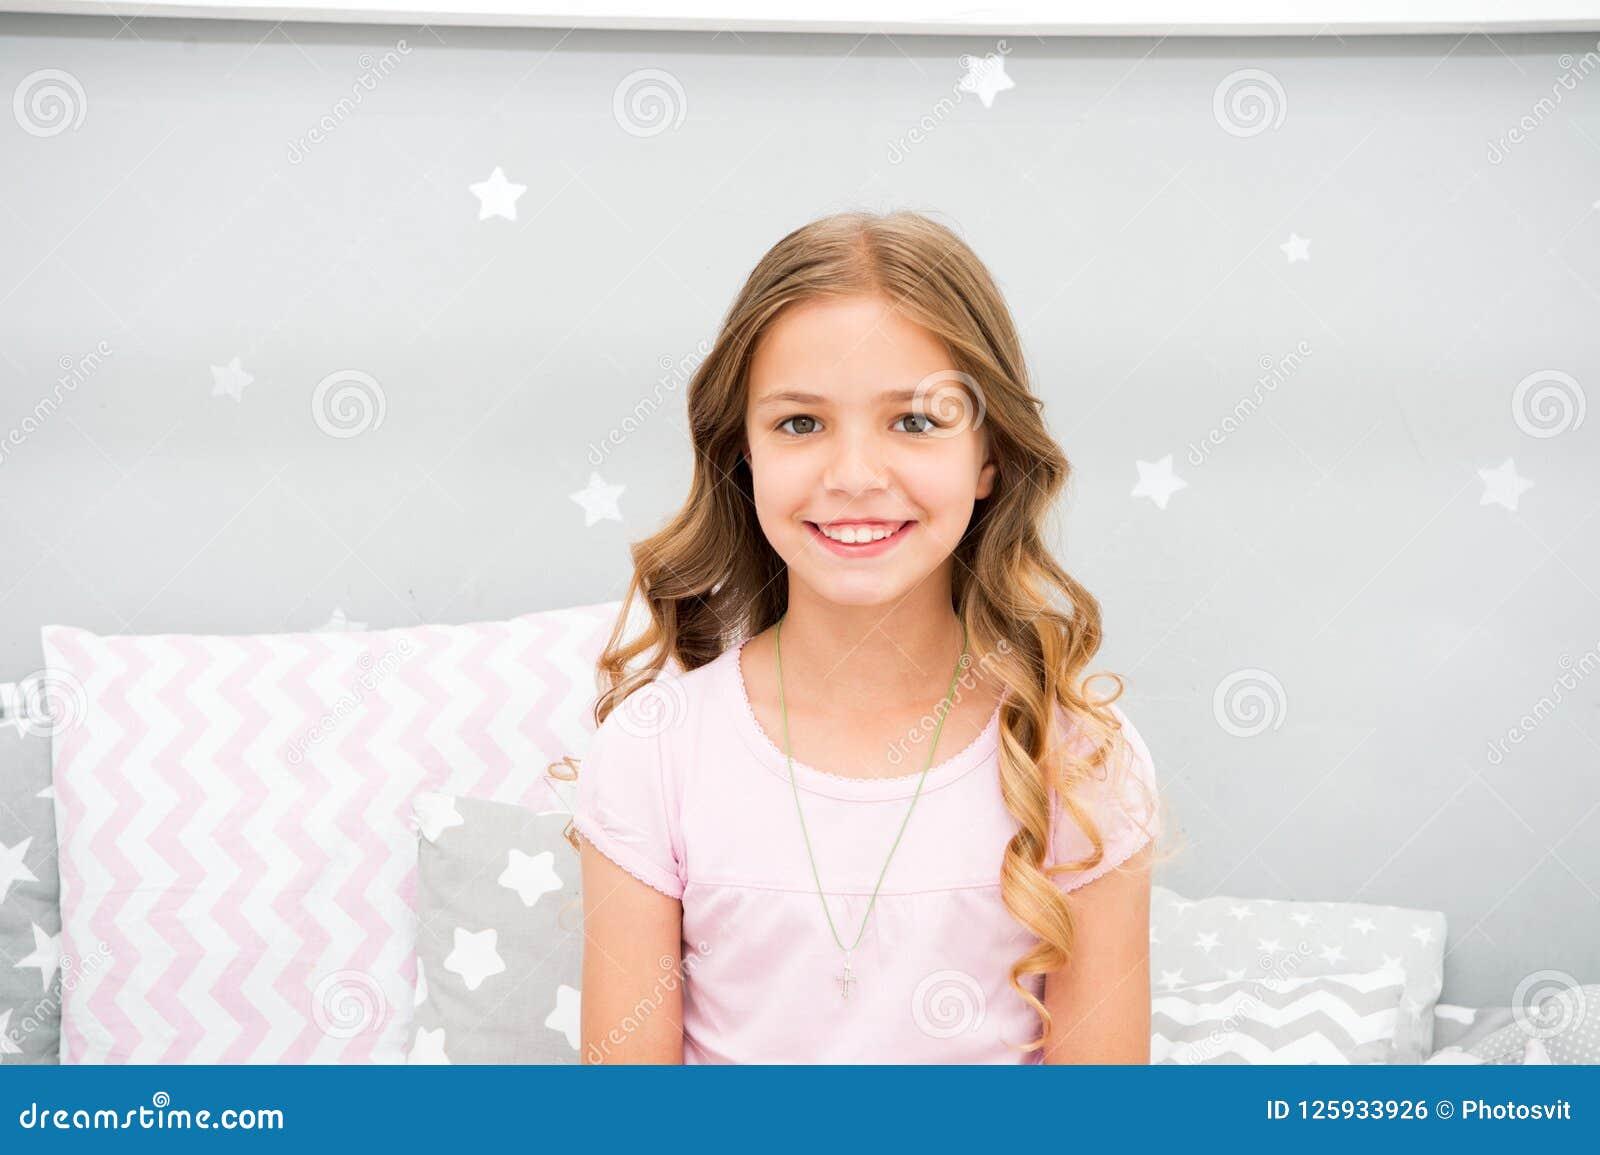 O penteado encaracolado perfeito da criança olha bonito Usa o condicionador ou a máscara com óleos orgânicos para manter o cabelo